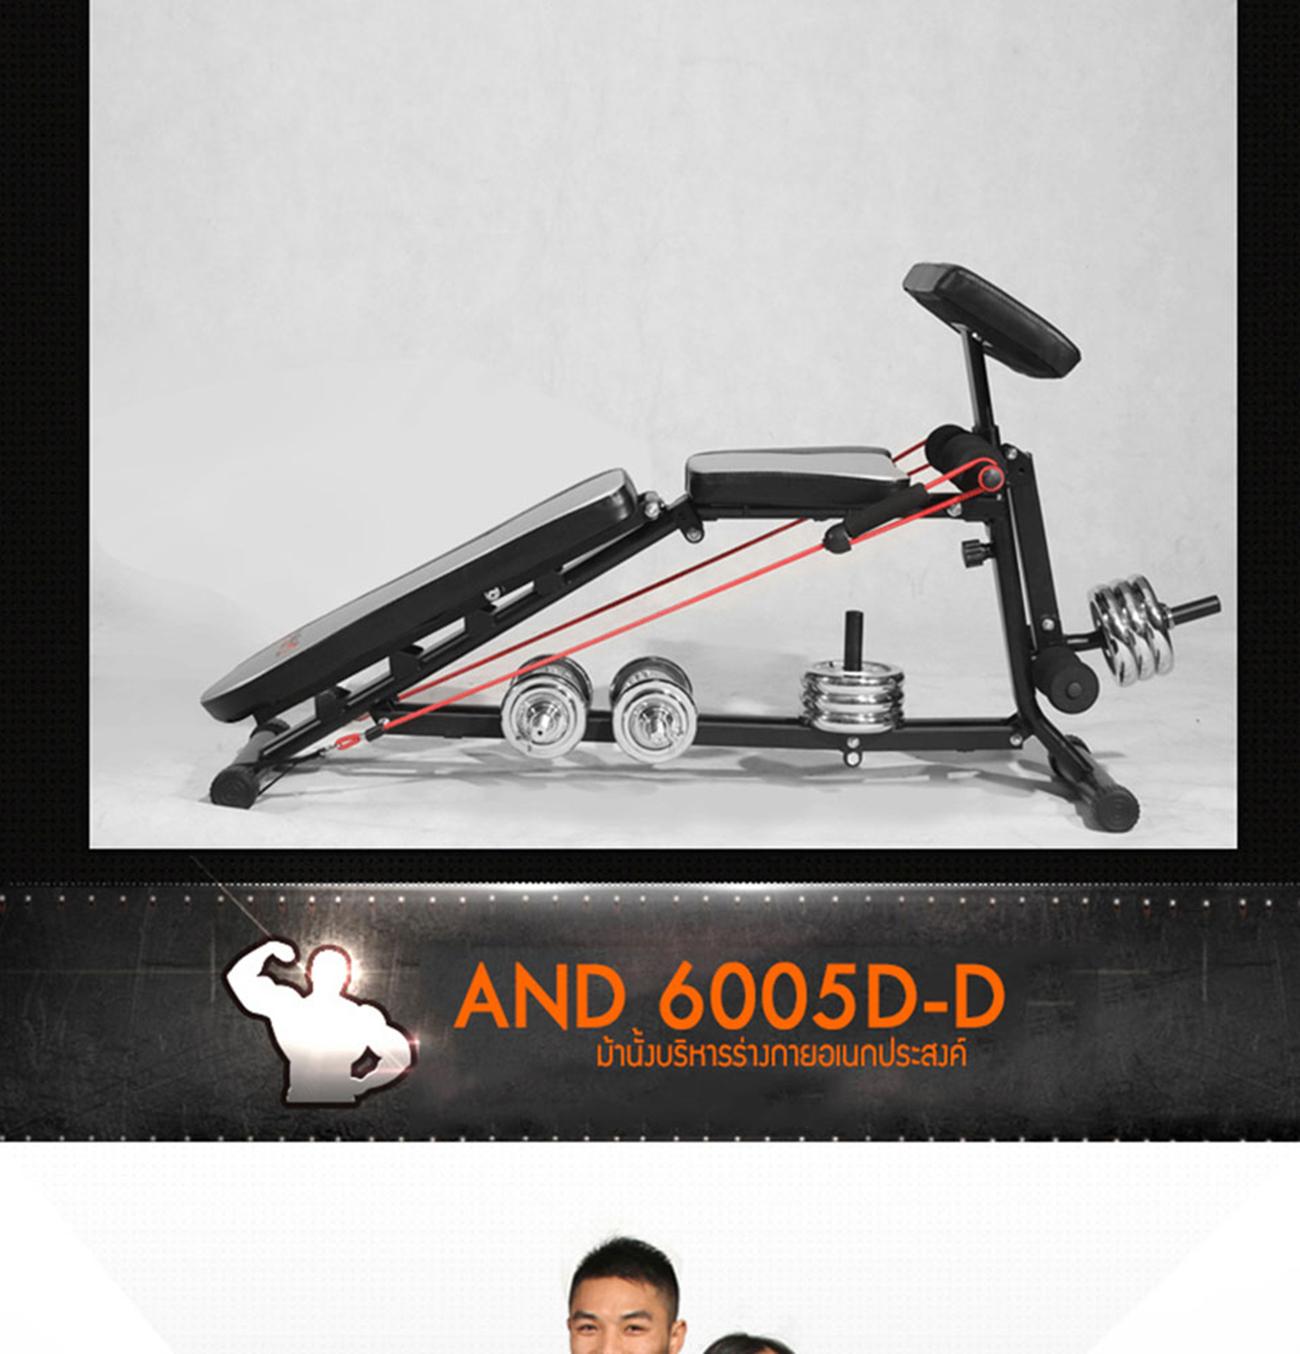 ม้านั่งบริหารร่างกายอเนกประสงค์ AND-6005D-D (สีดำ)